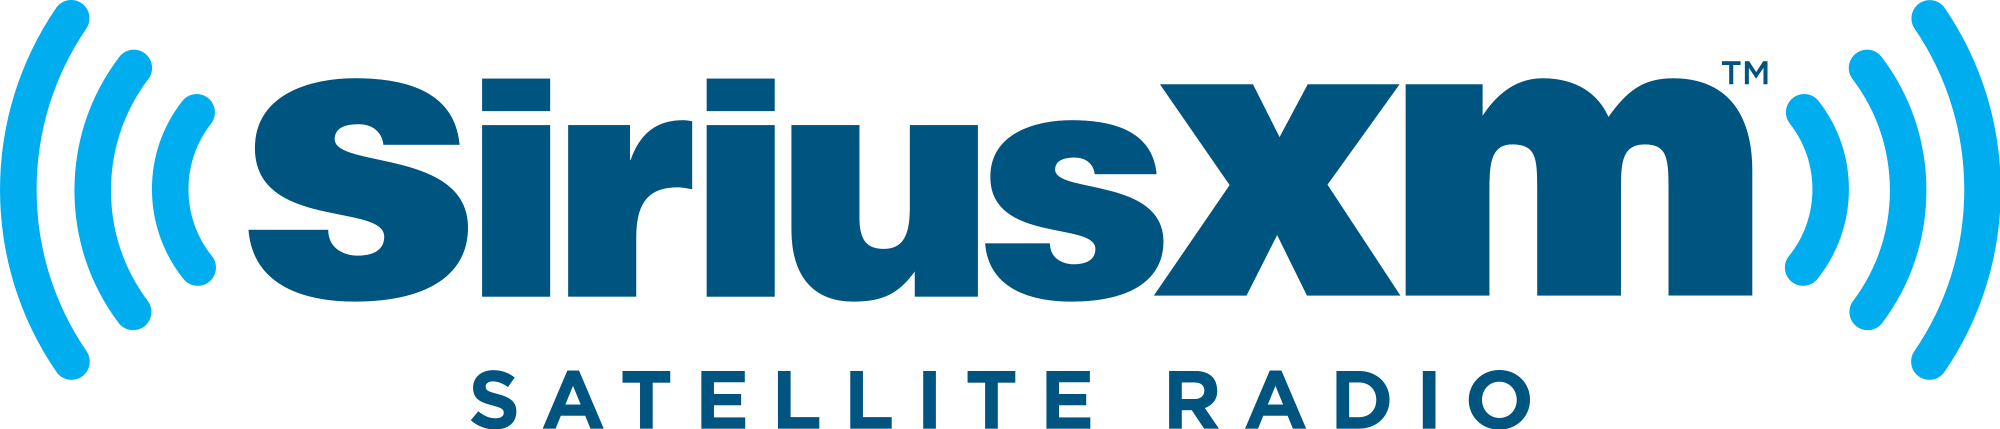 Sirius XM Corporate LMS